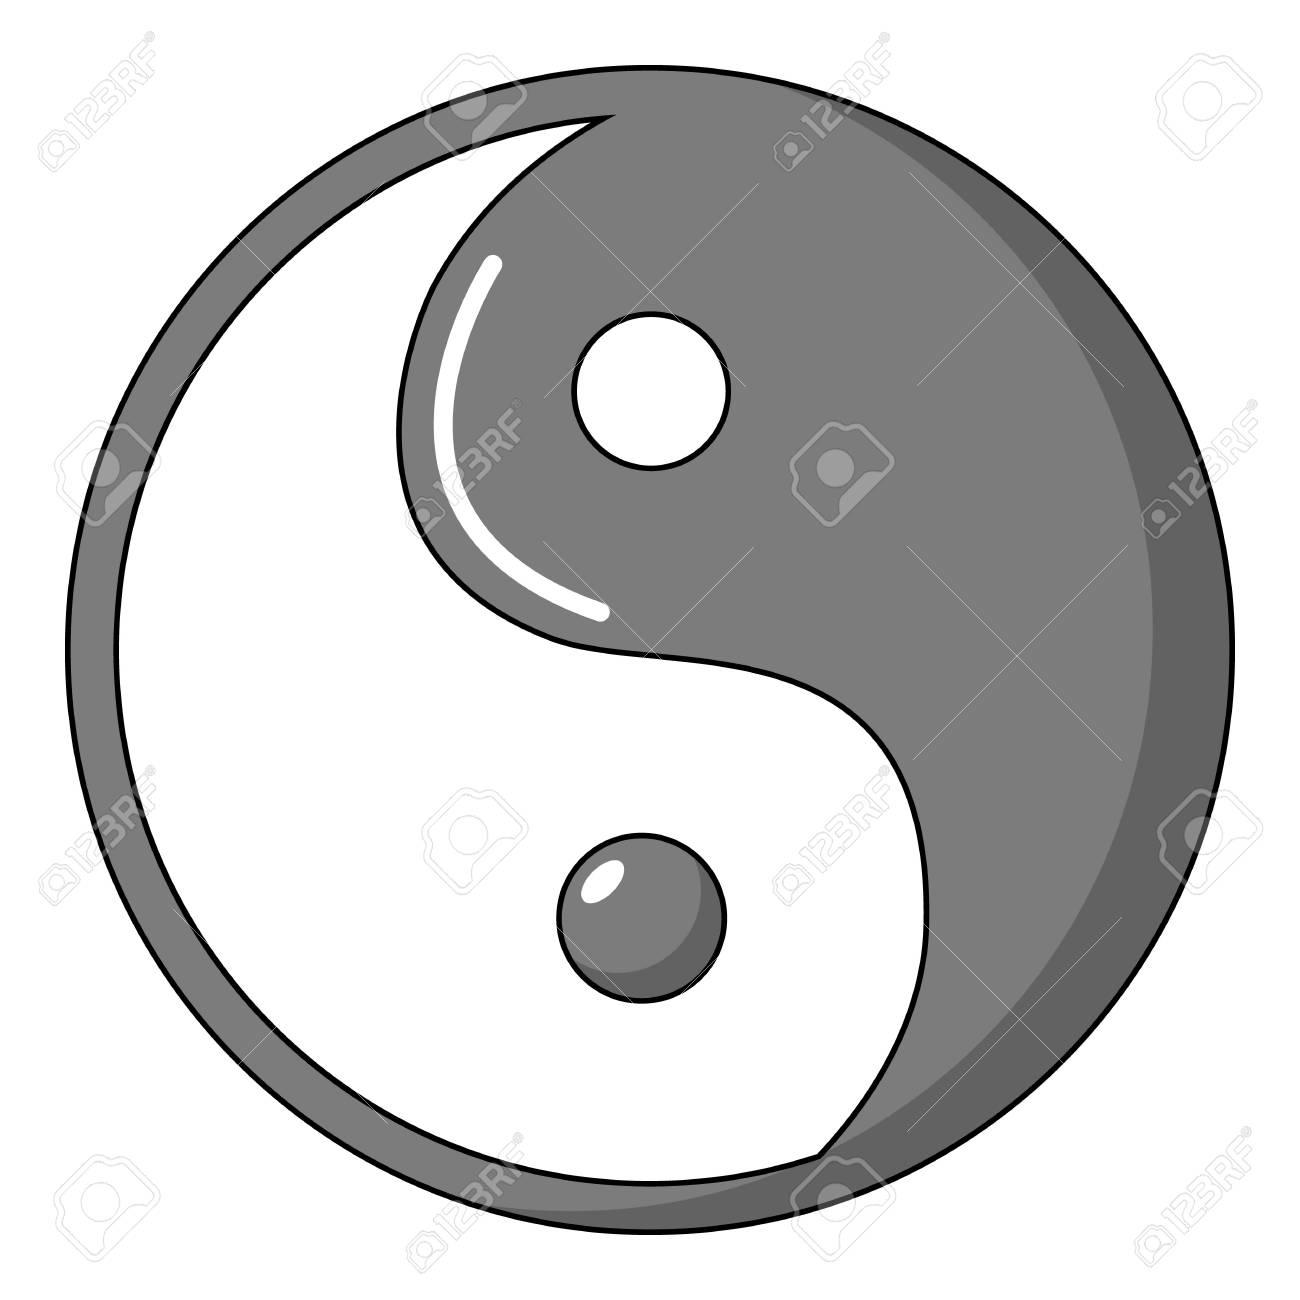 Icono De Taoísmo De Yin Yang Símbolo Estilo De Dibujos Animados